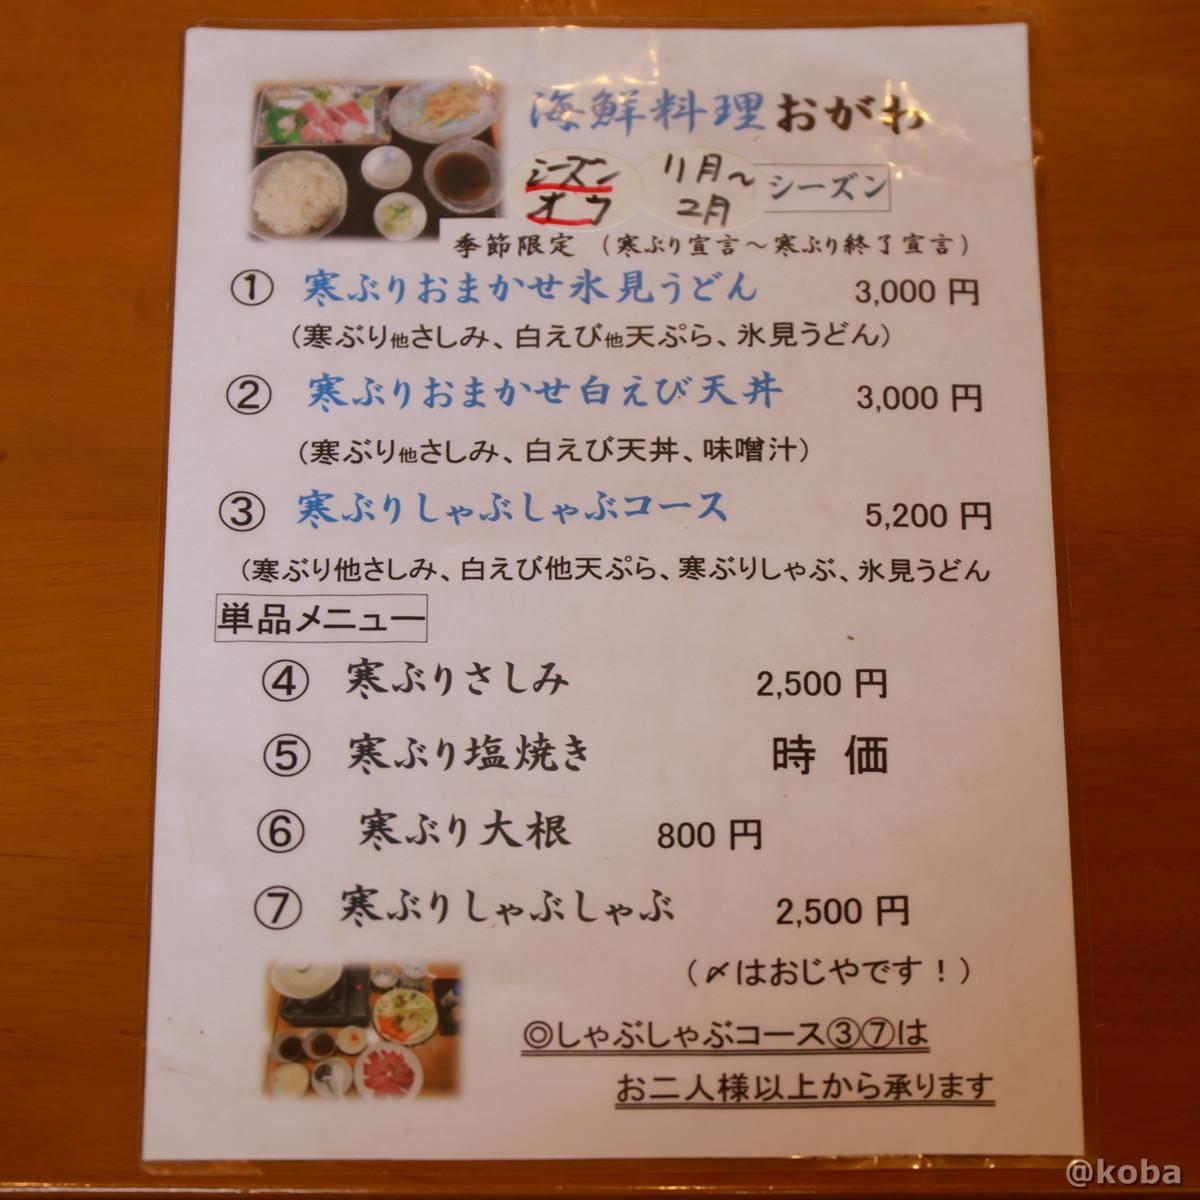 寒ブリ11月~2月のメニュー│小川屋食堂(おがわやしょくどう)│氷見うどん海鮮料理・和食│滑川市│こばフォトブログ@koba